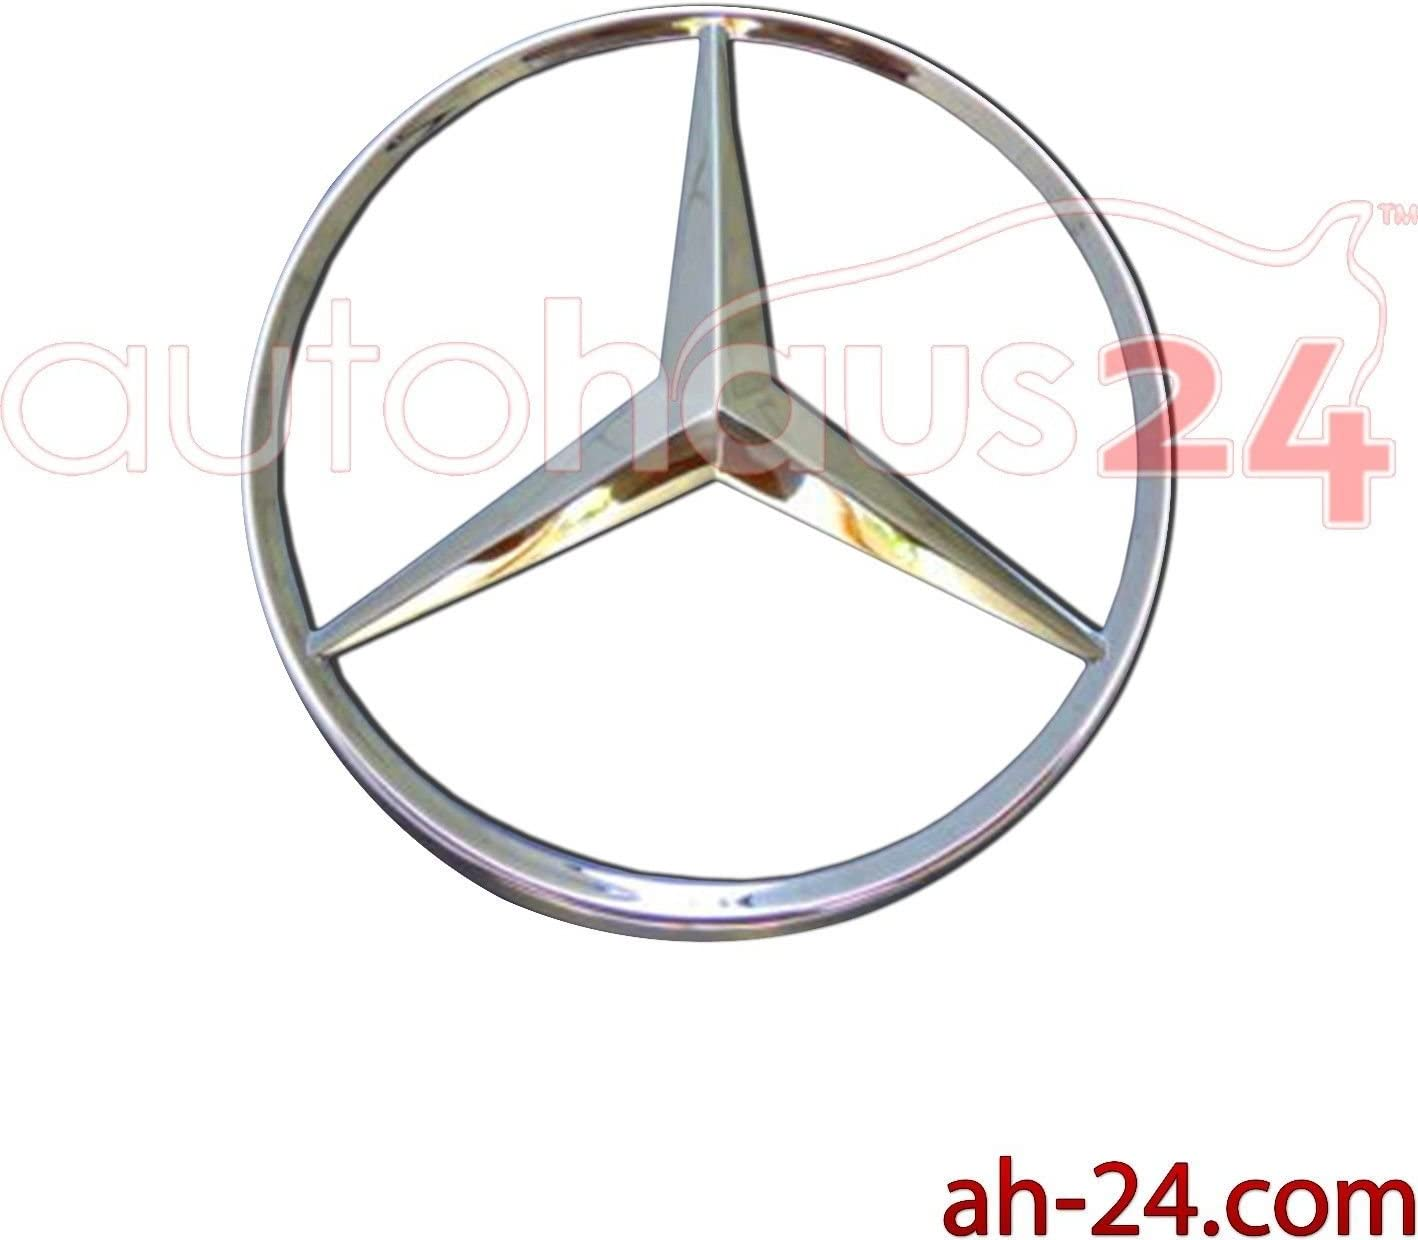 New Radiator For Mercedes ML Class Mercedes-Benz ML320 1998-2003